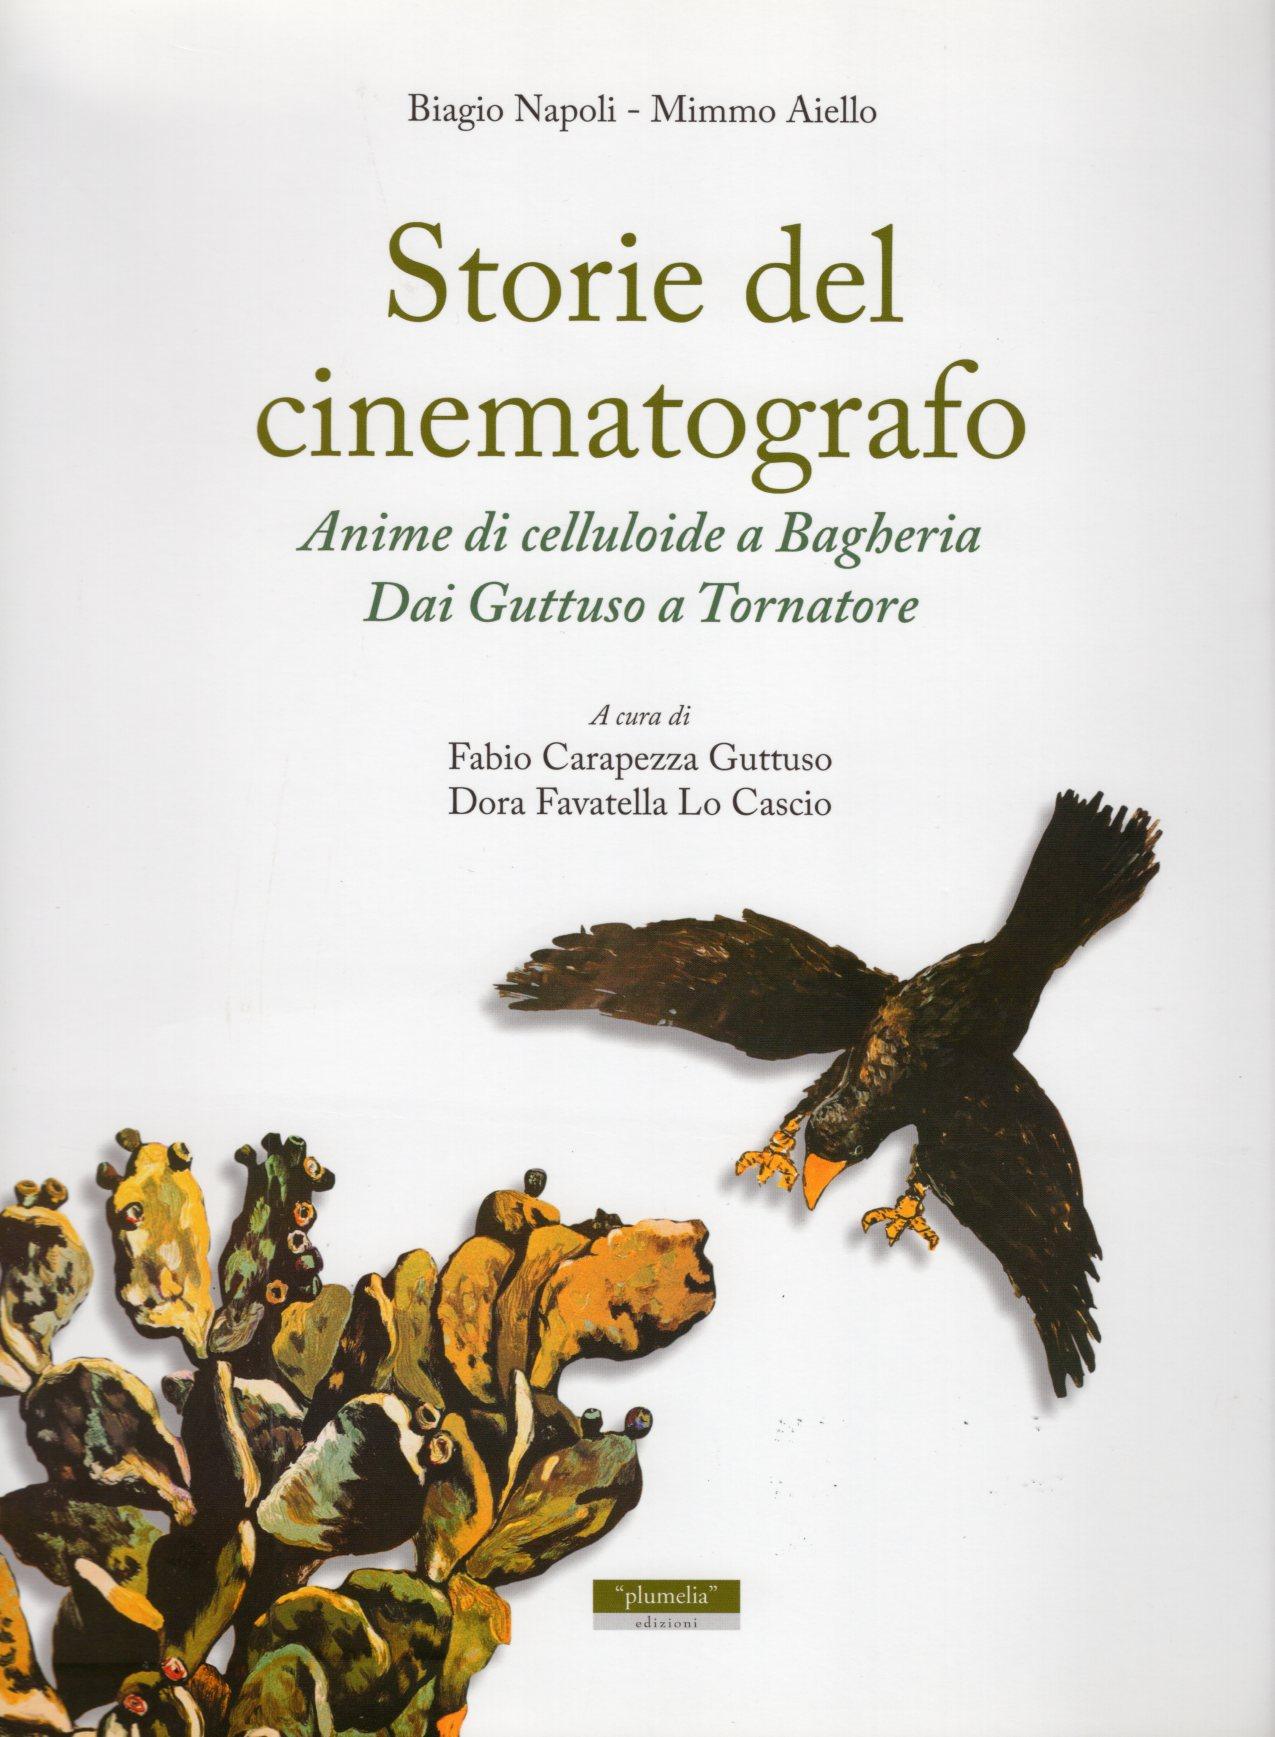 12 Storie del cinematografo. Museo Guttuso, Bagheria, 2015